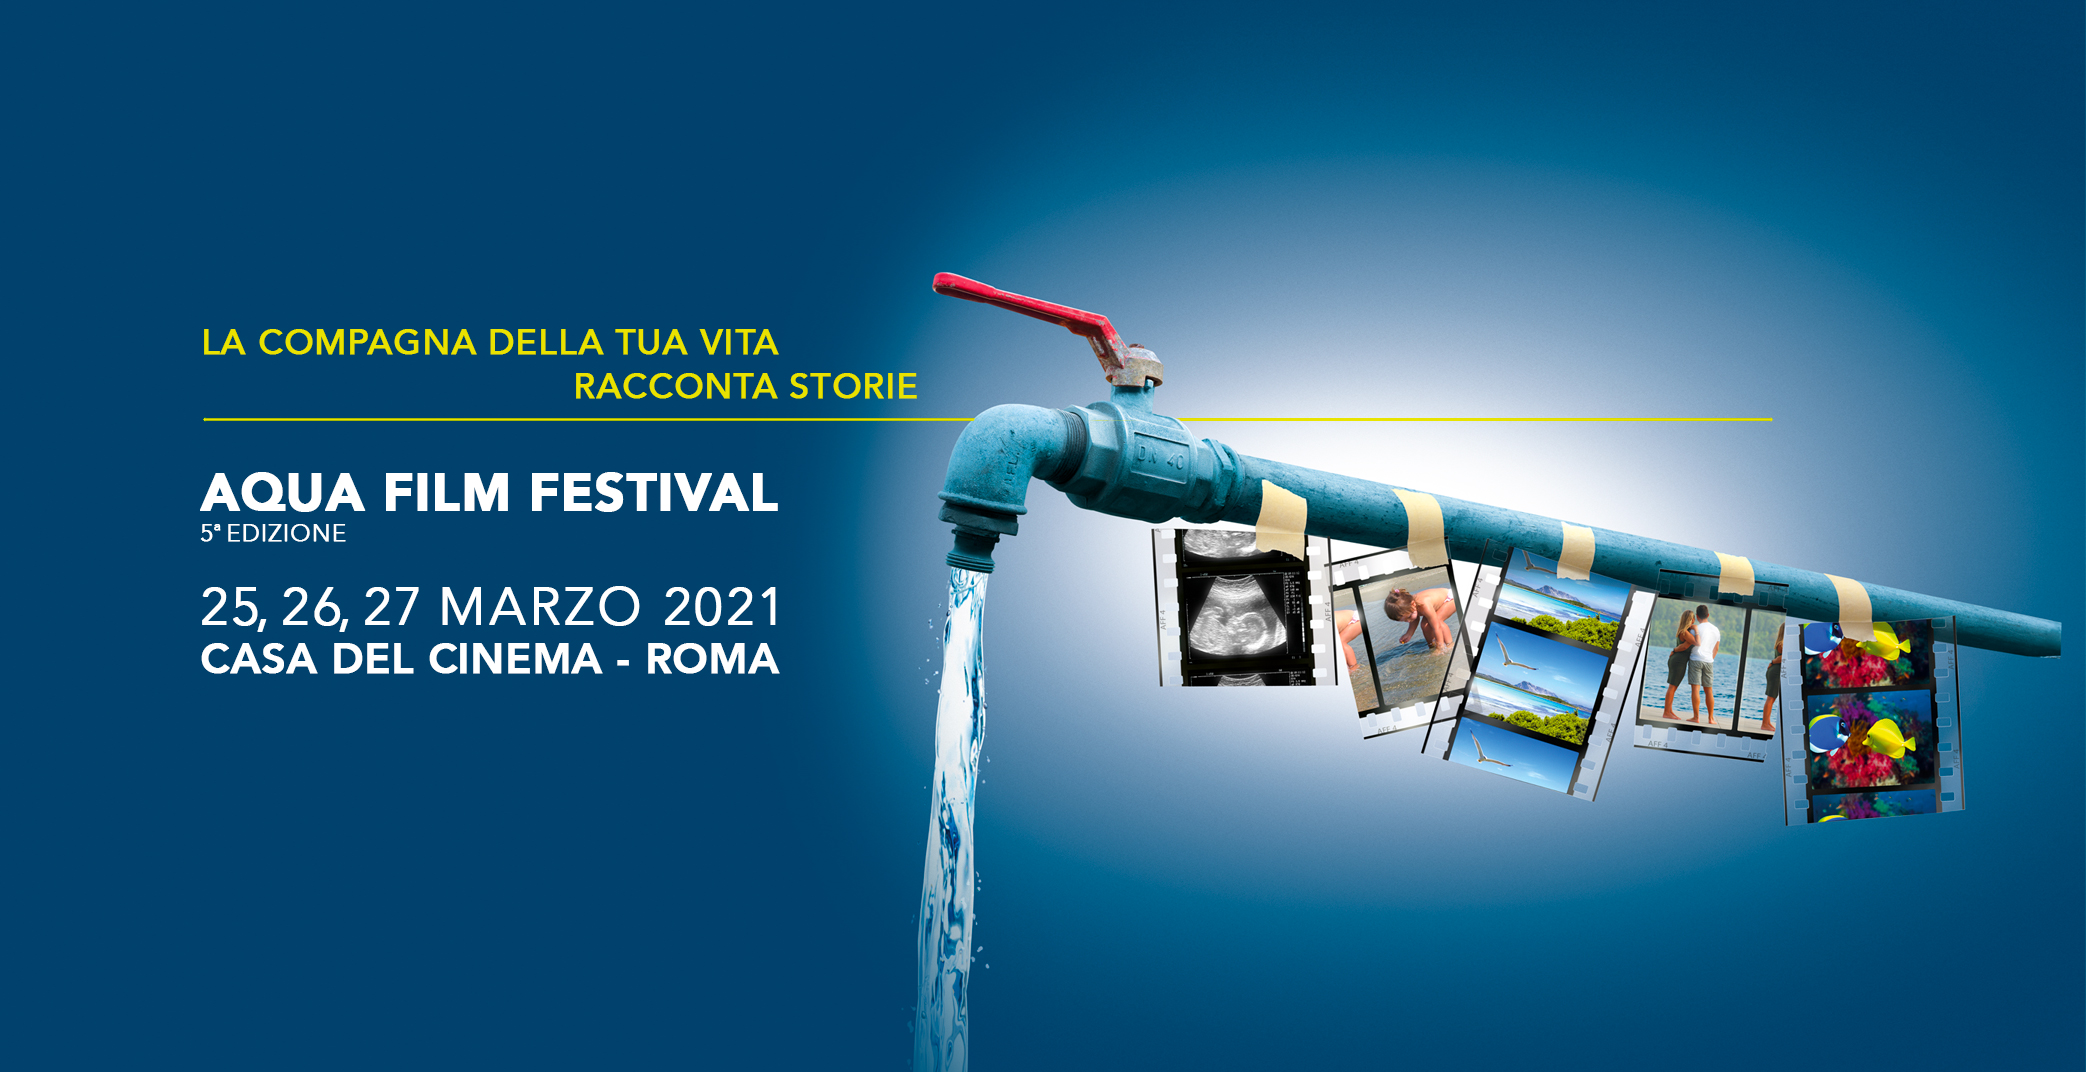 AQUA FILM FESTIVAL 25-27 MARZO SU MY MOVIES E ALLA CASA DEL CINEMA DI ROMA